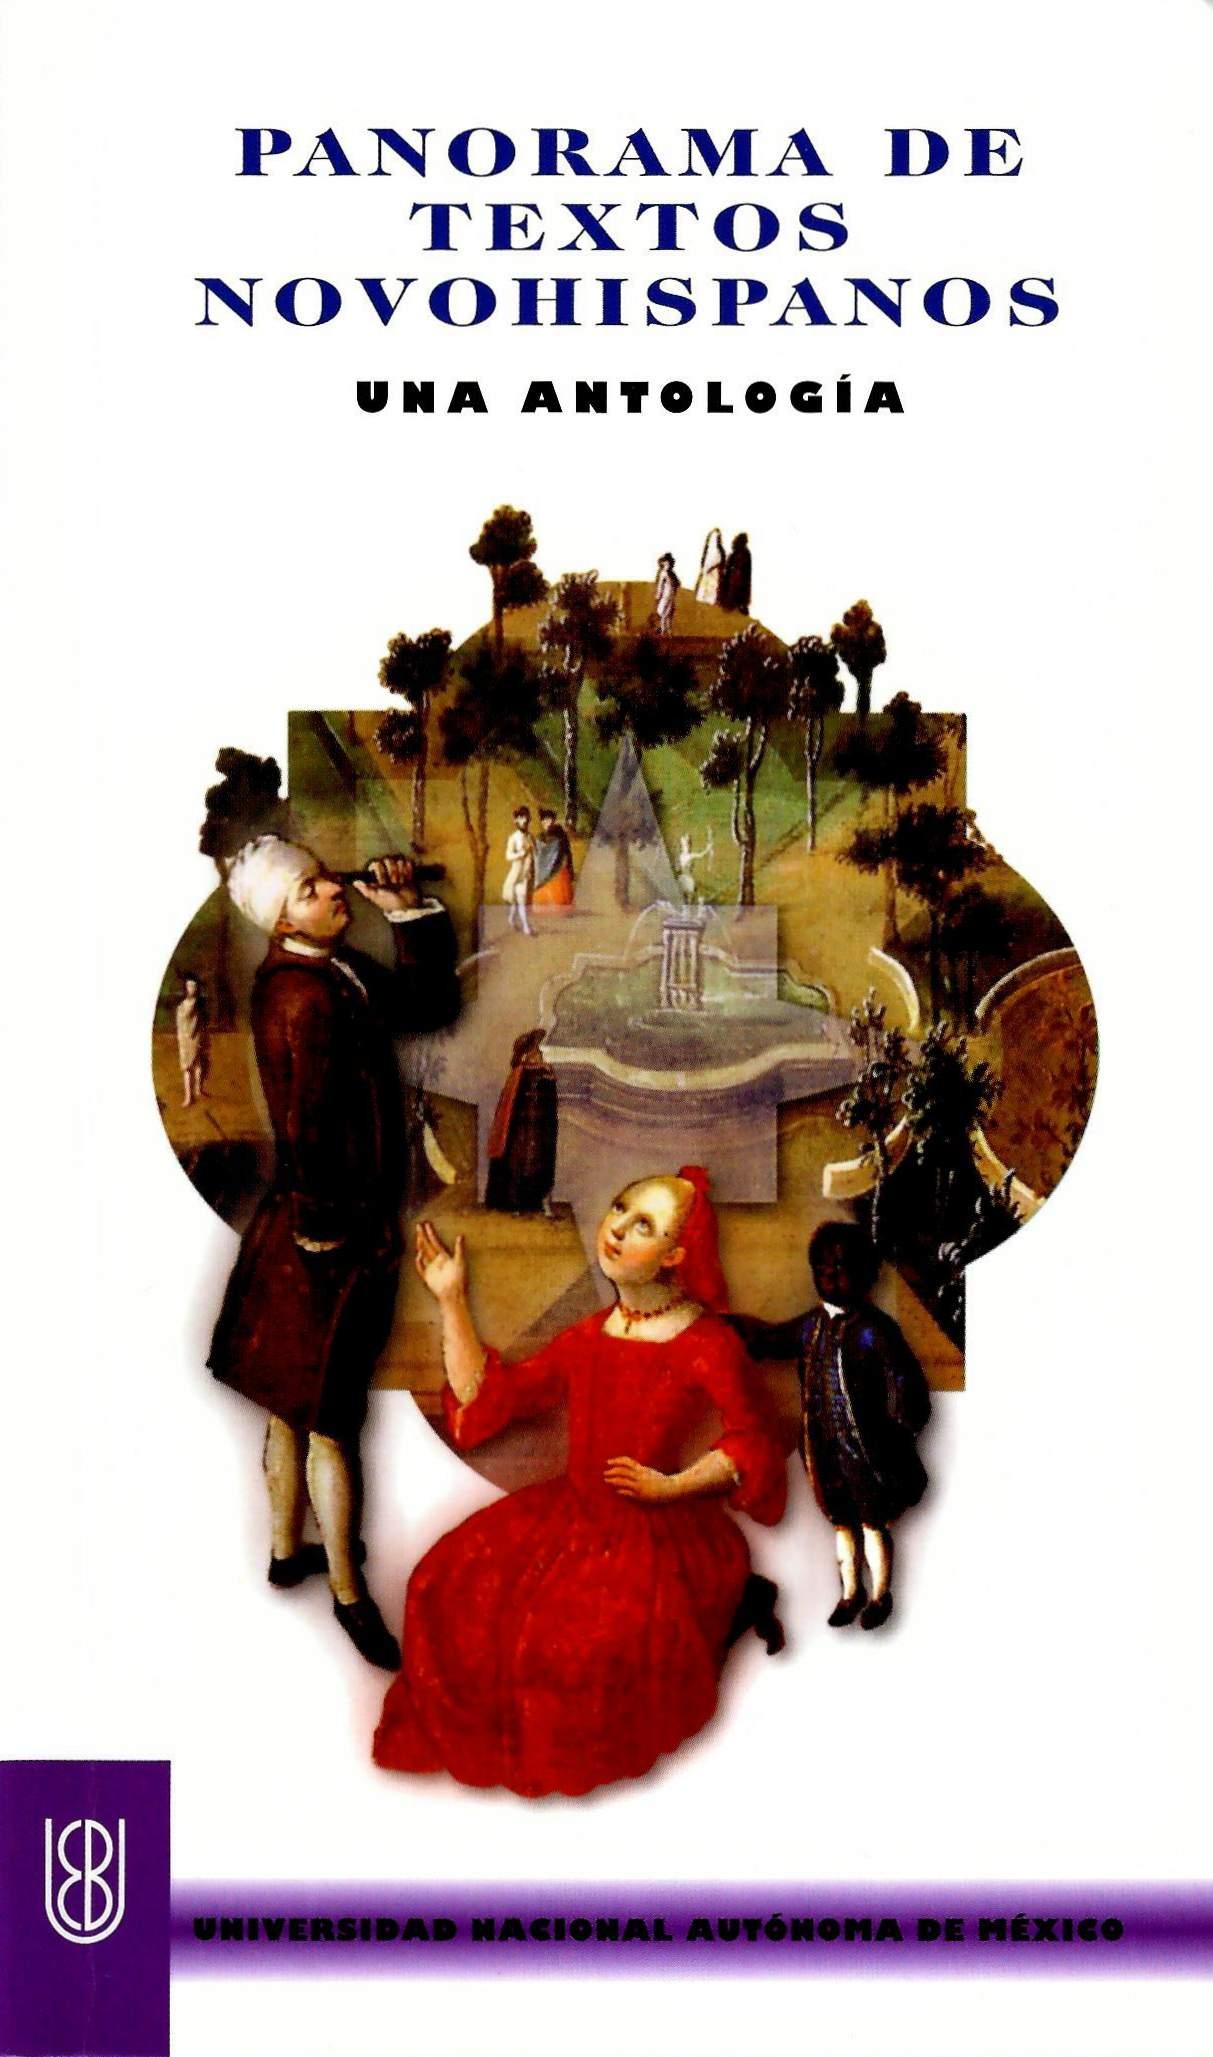 Panorama de textos novohispanos. Una antología